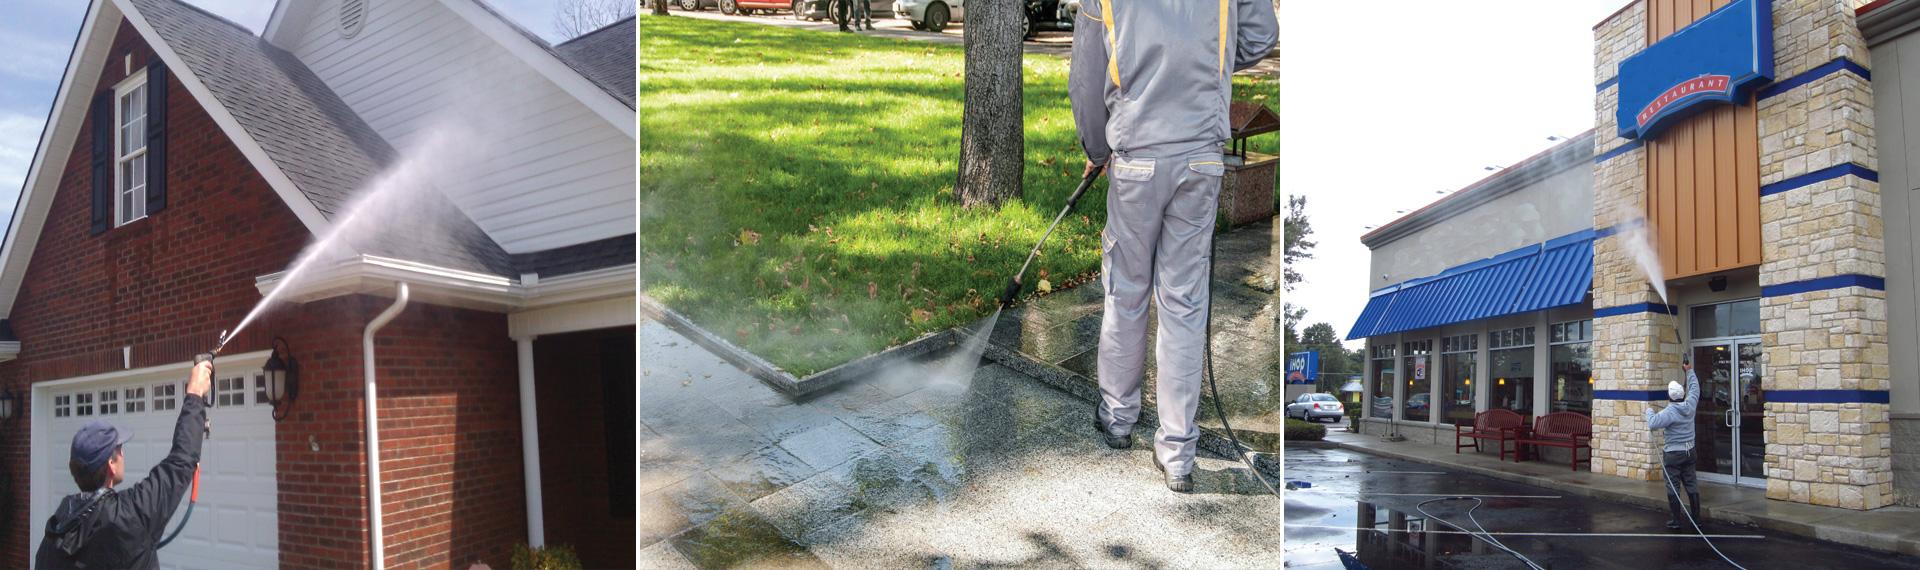 Metro Mobile Pressure Washing Lake Ridge VA